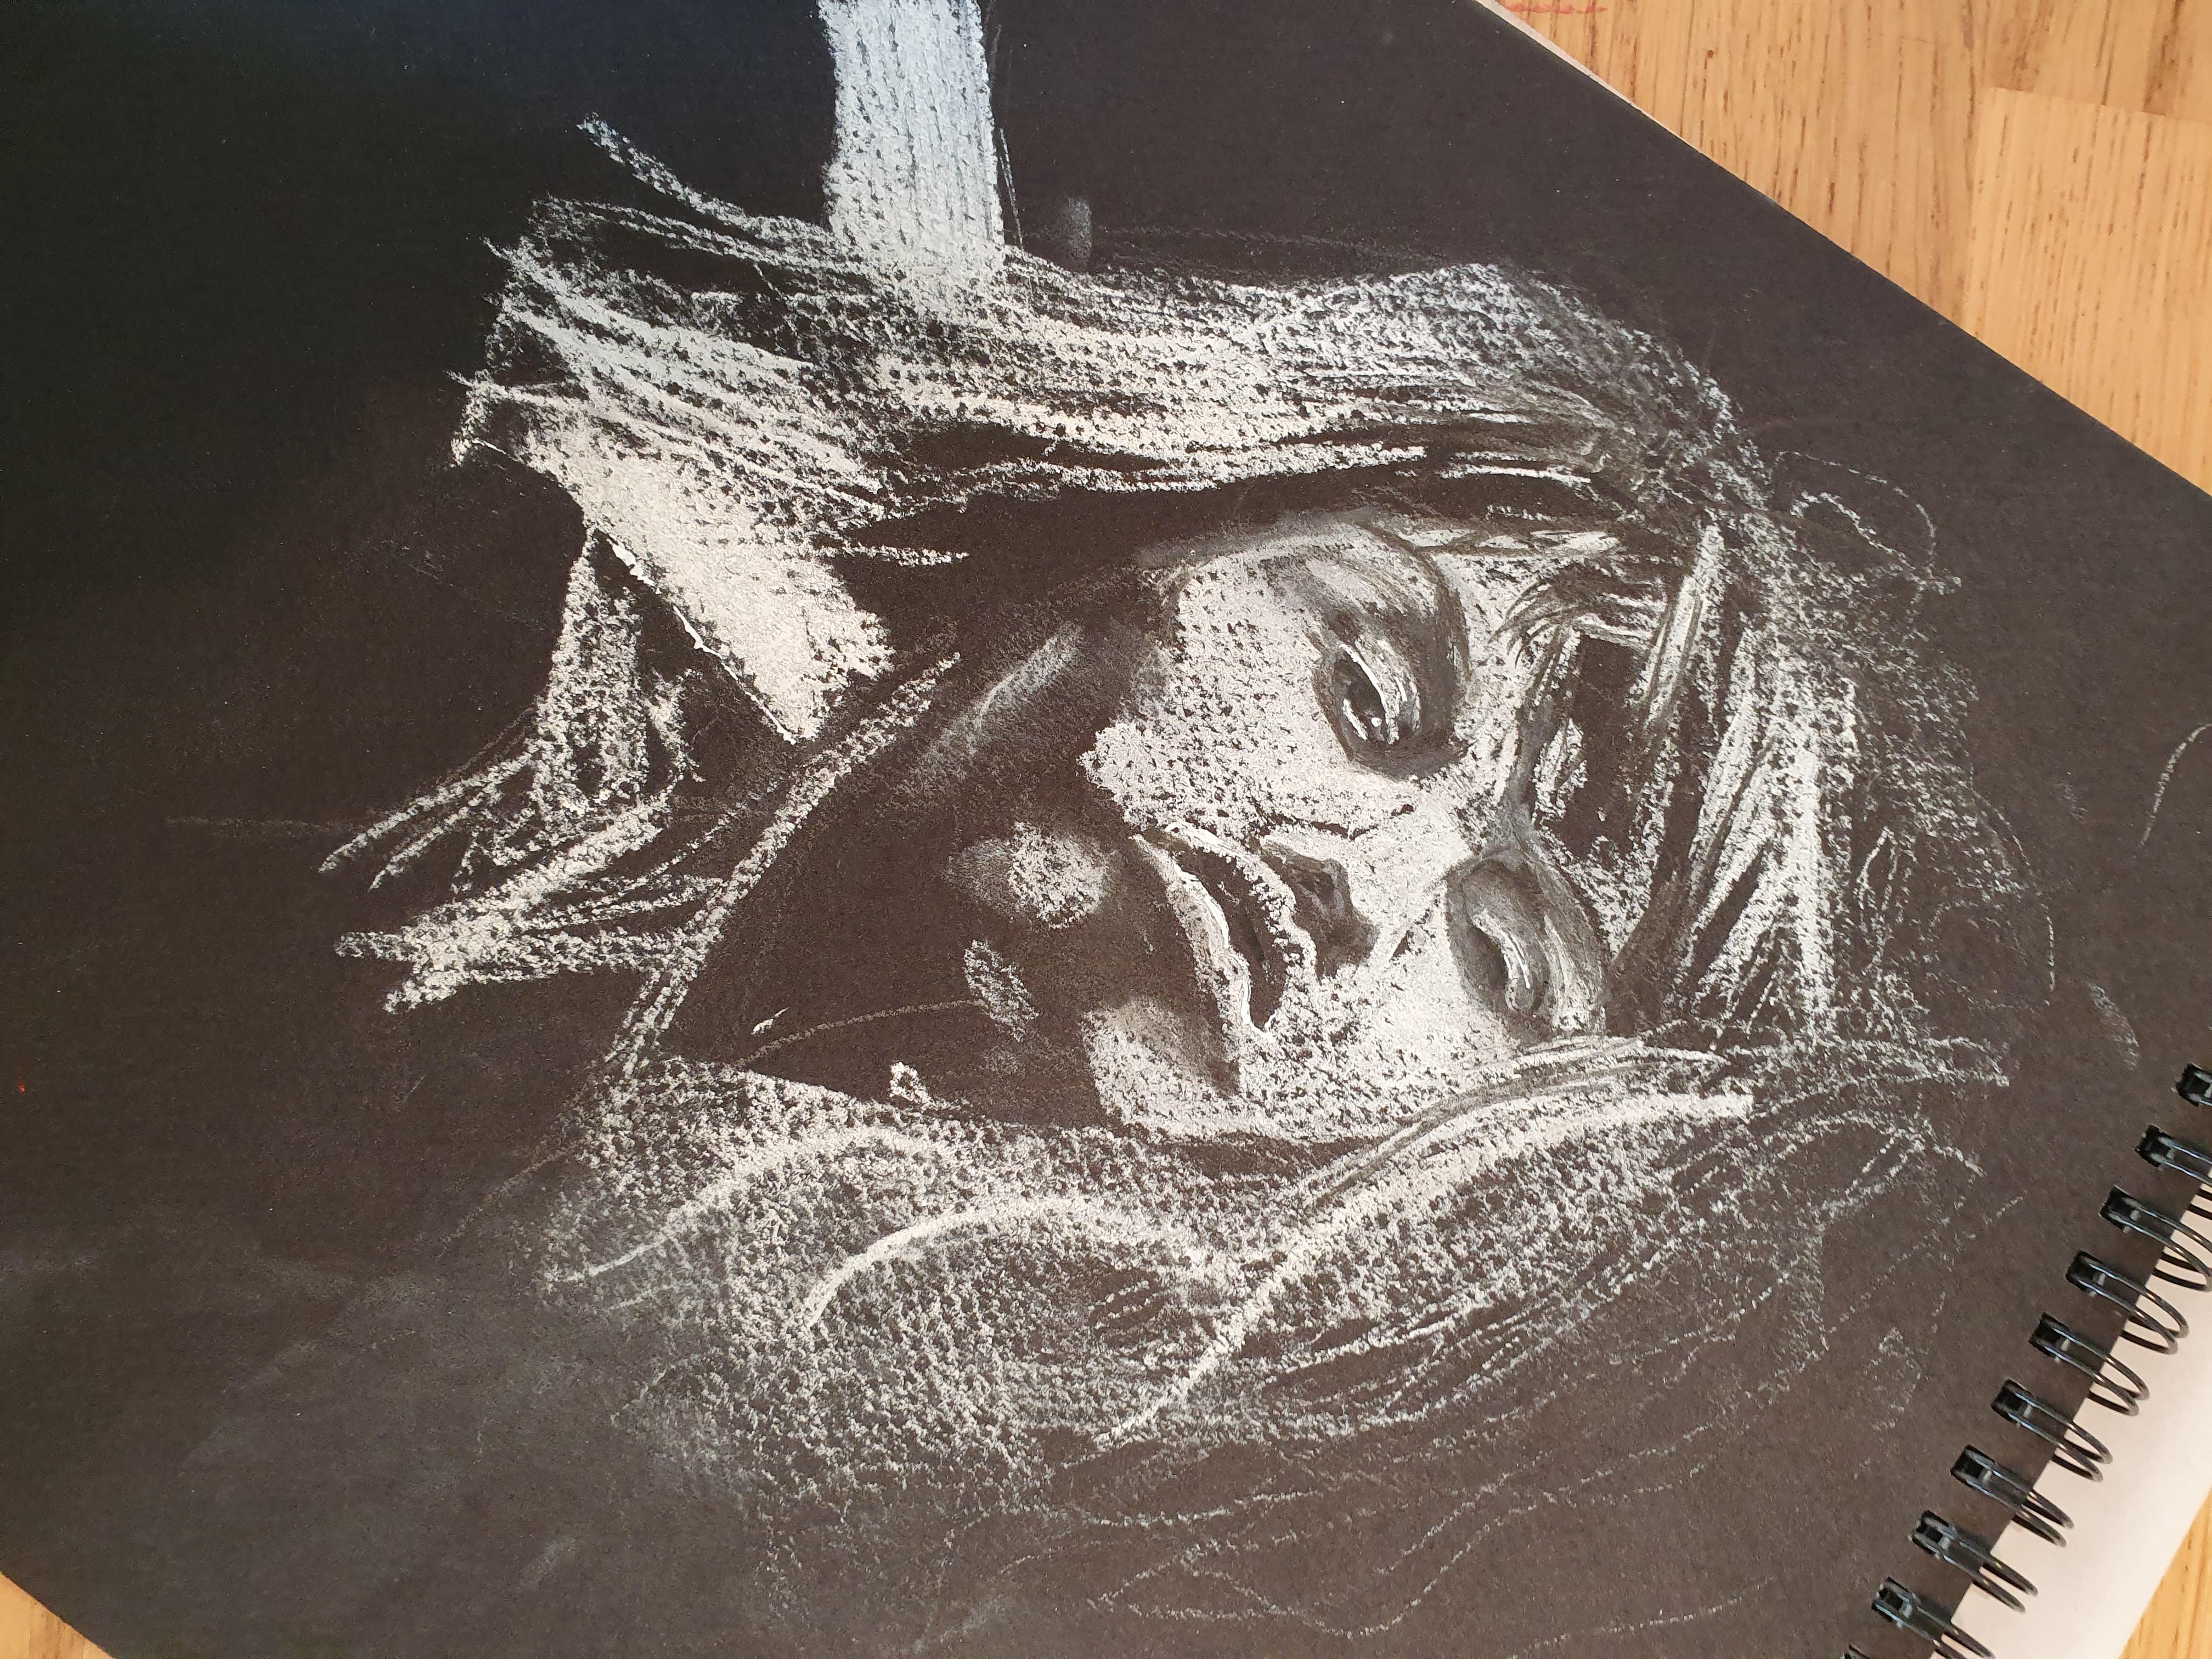 Portrait craie blanche sur papier noir  cours de dessin